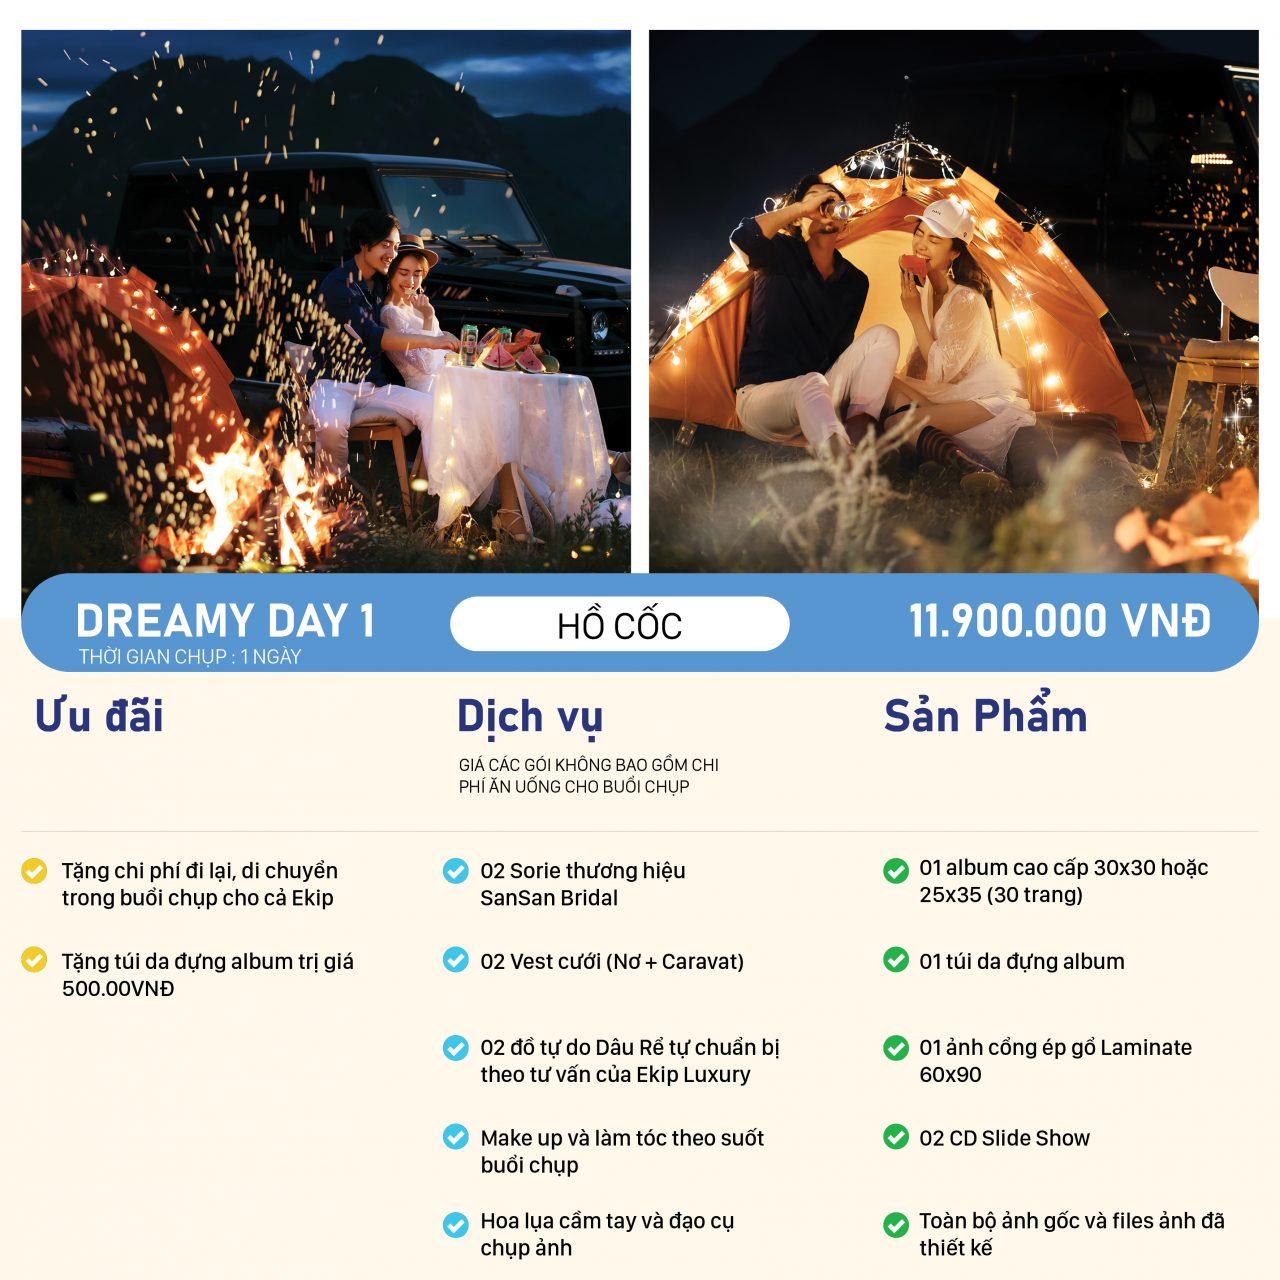 bảng giá chụp hình cưới gói DREAMY DAY 1